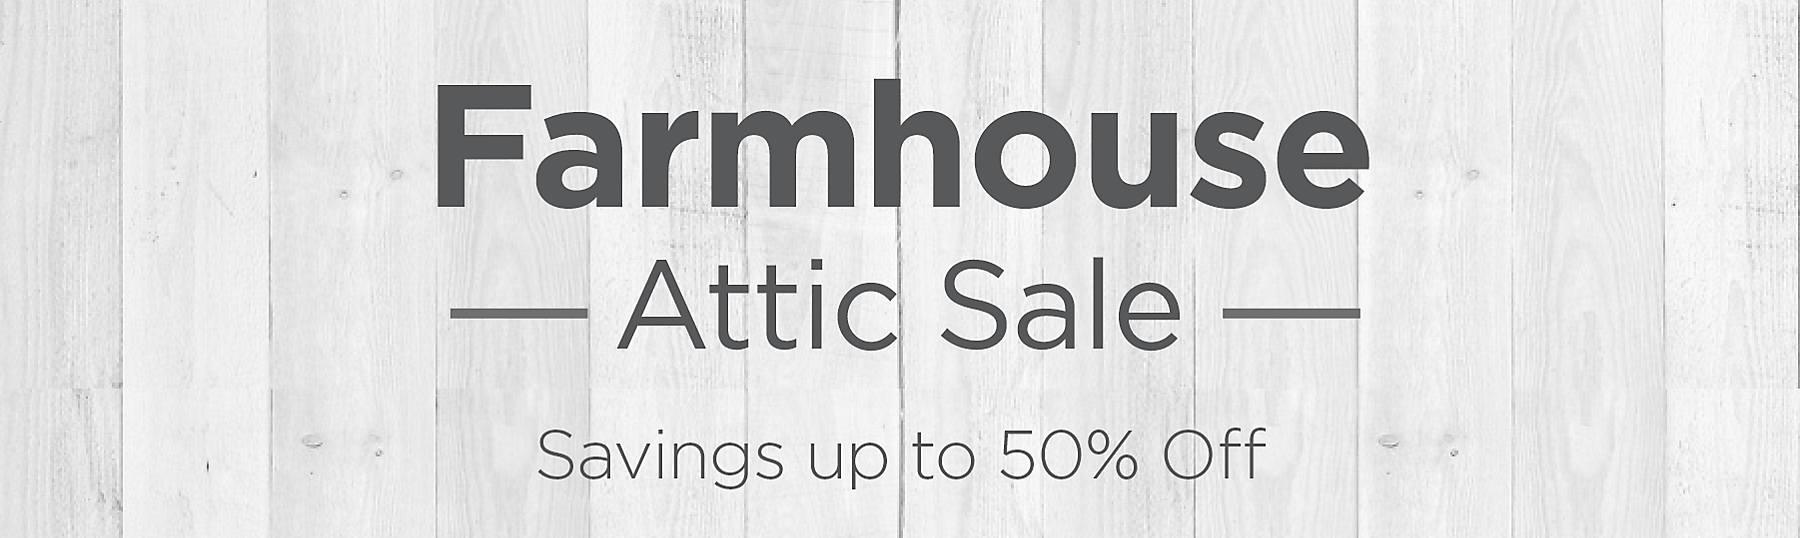 Farmhouse Attic Sale